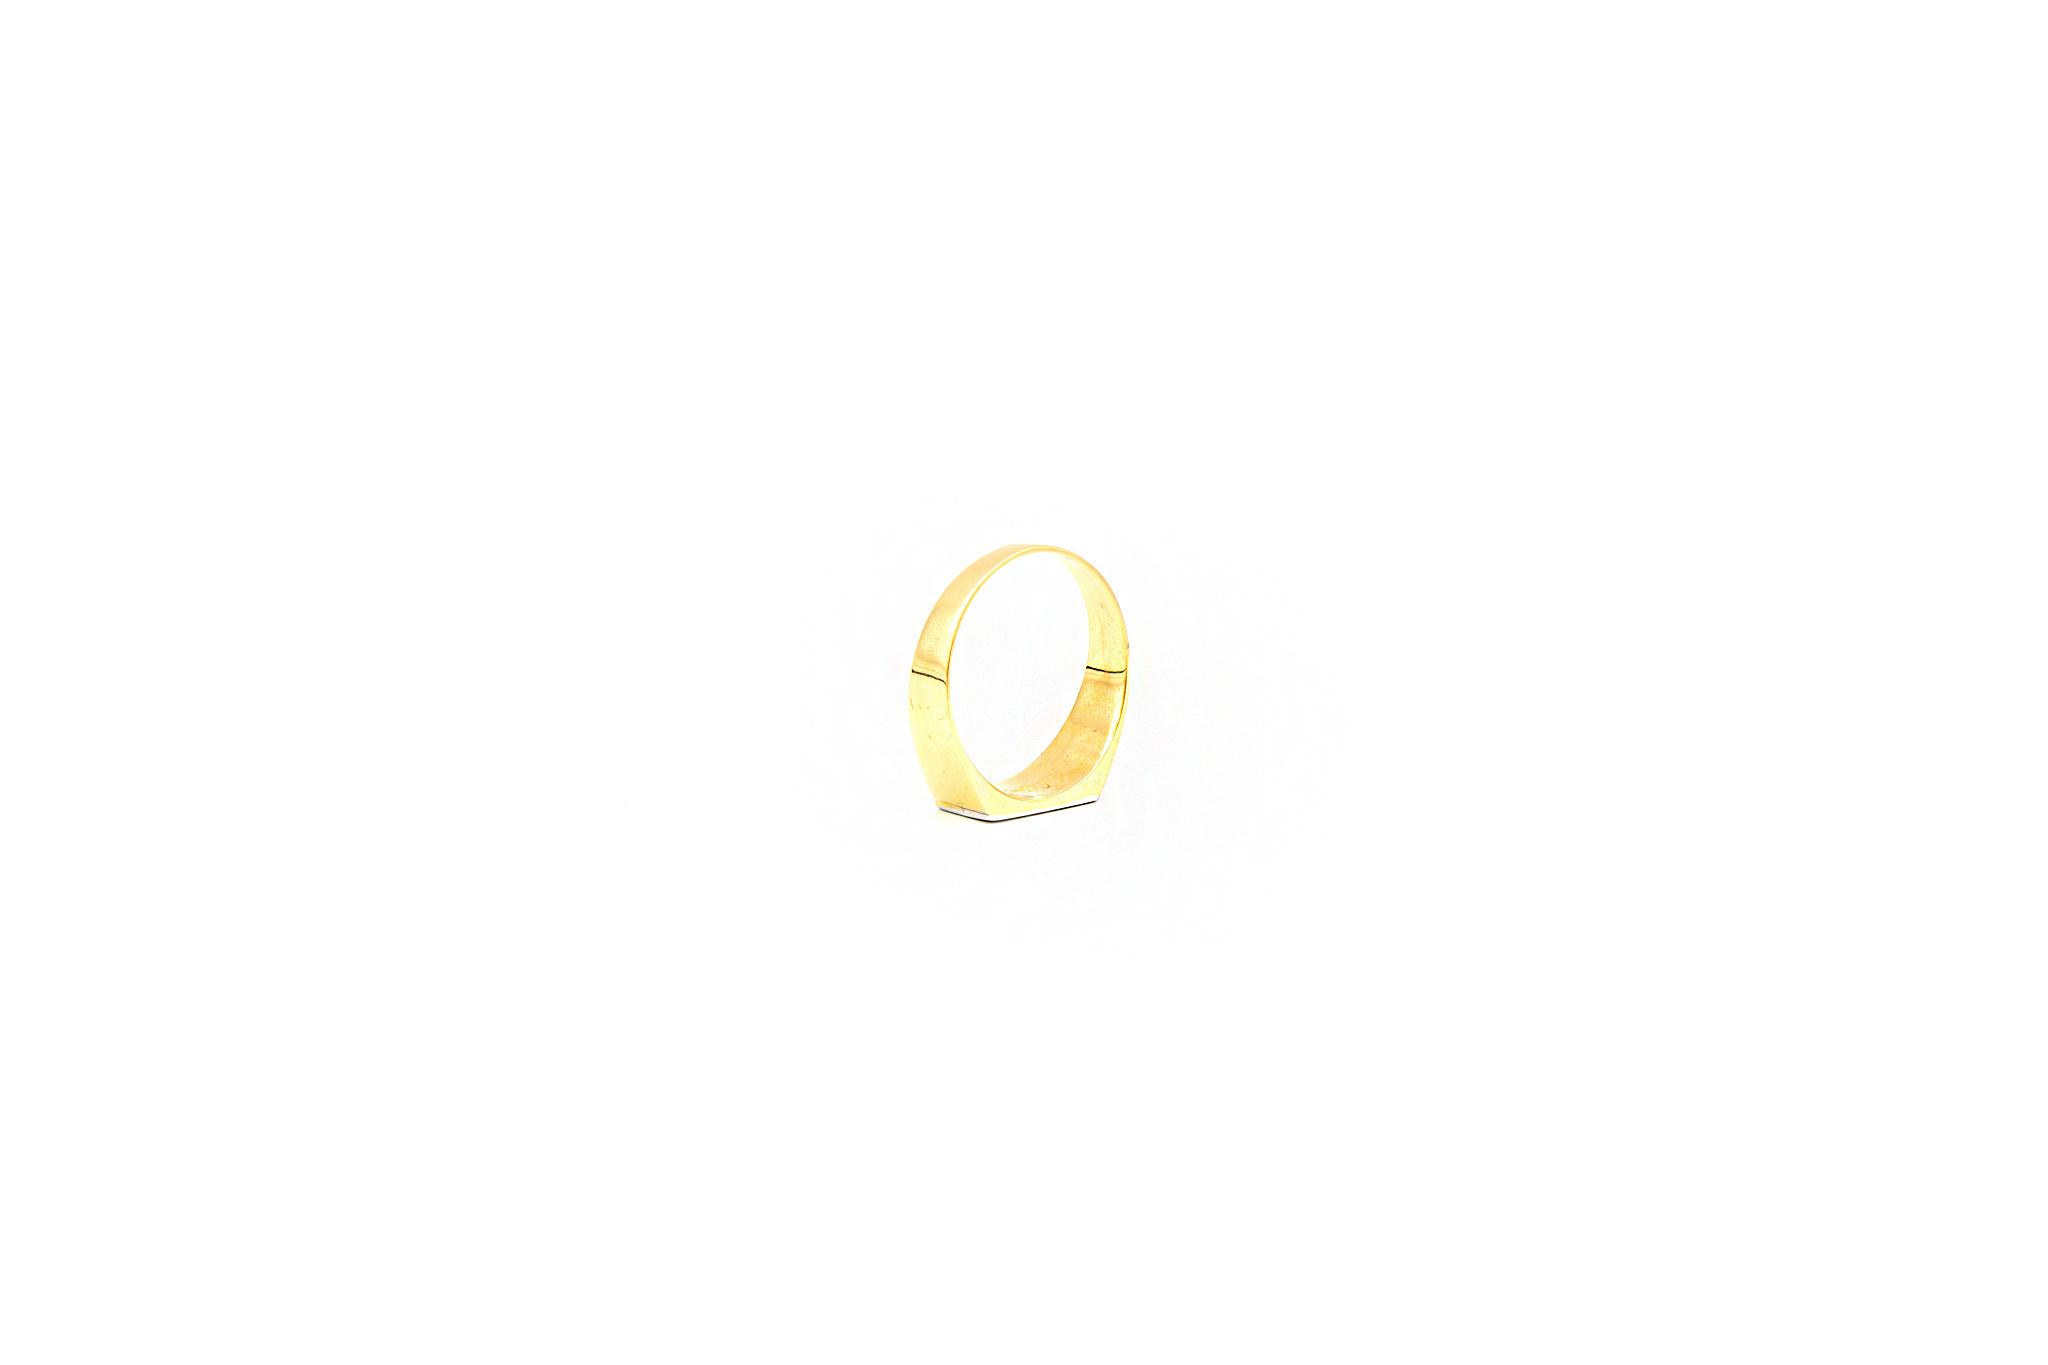 Ring zegel glanzend bicolor-5